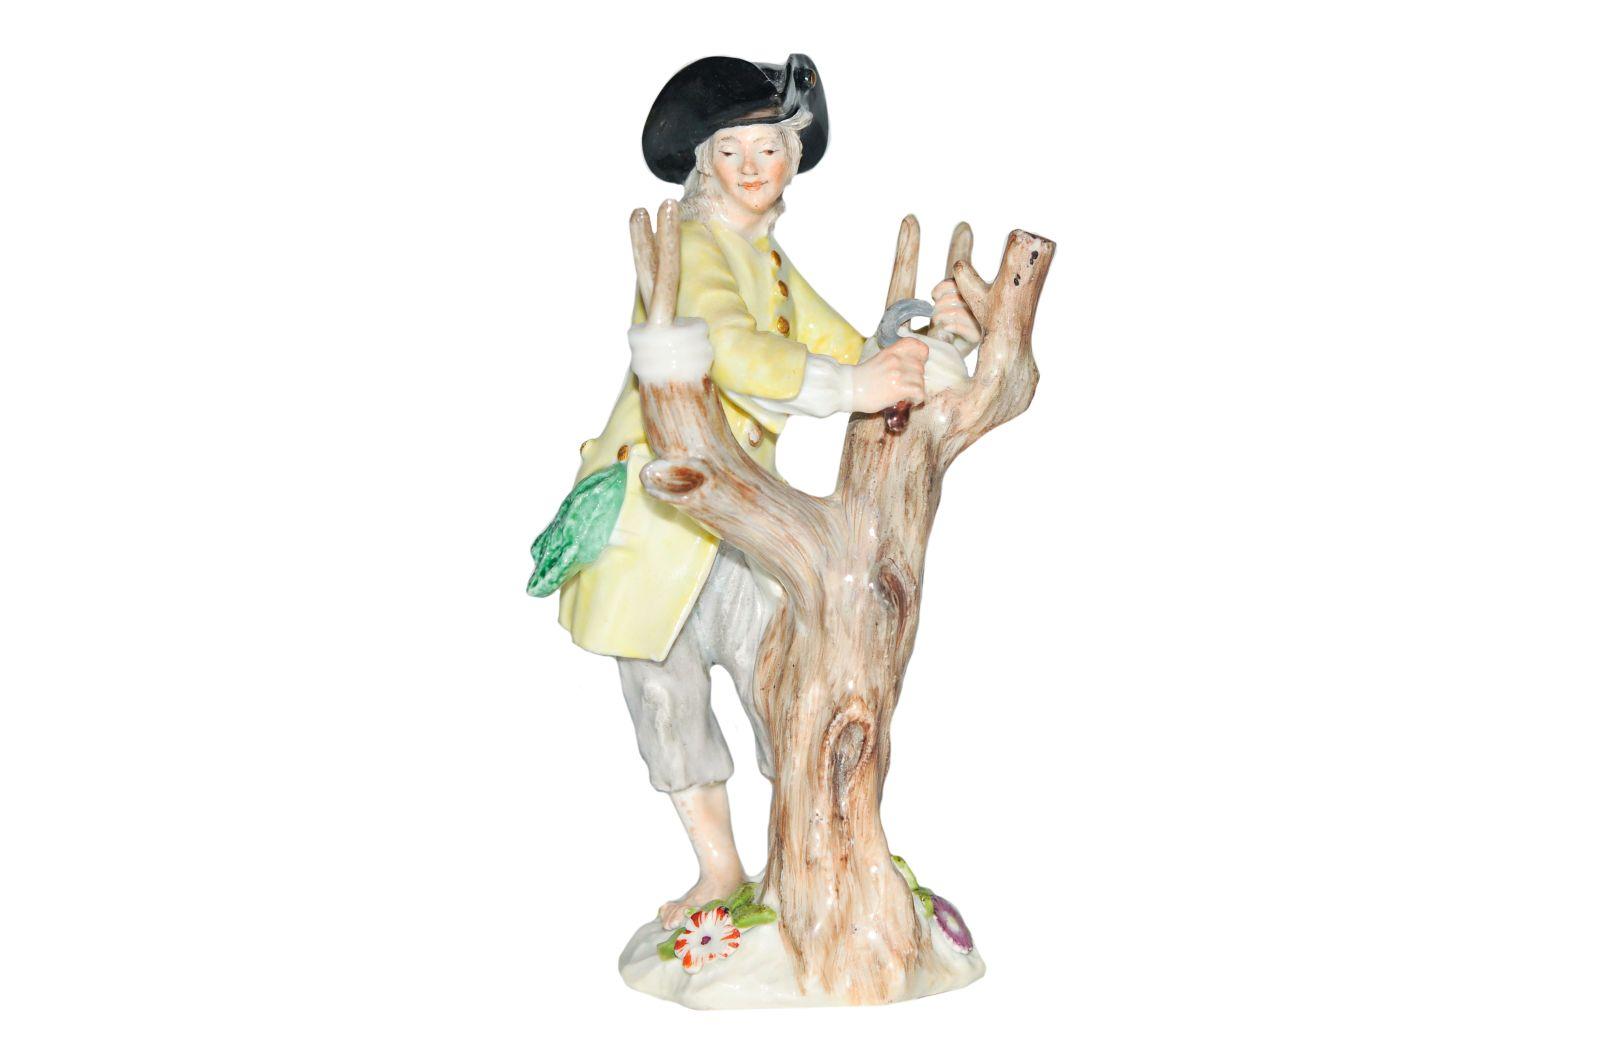 #185 Winegrower with vine tree, Meissen 1750 | Weinbauer mit Weinstock, Meissen 1750 Image